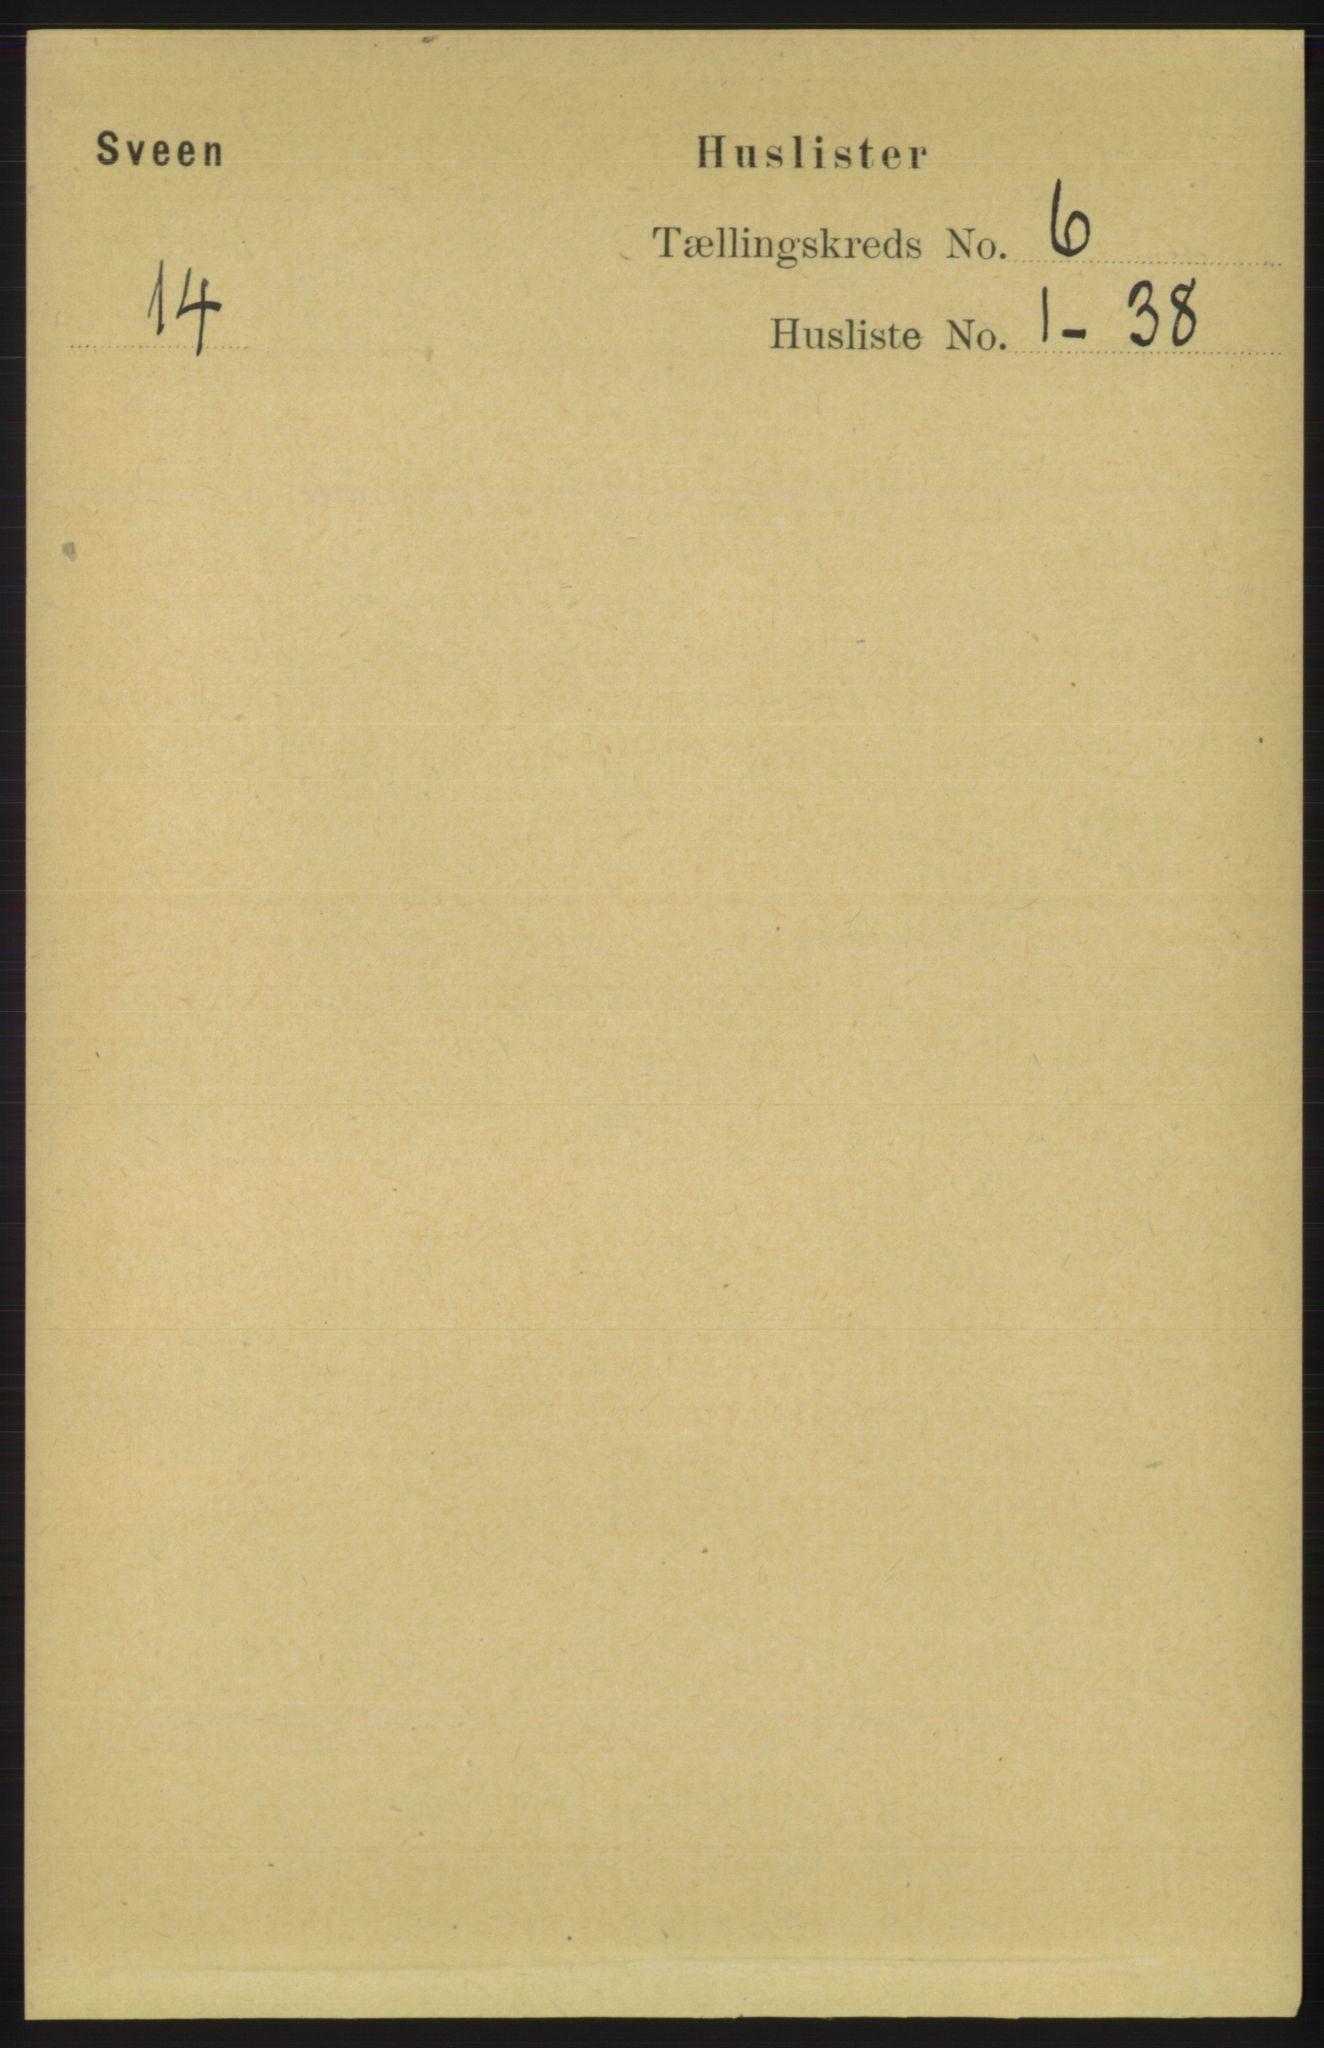 RA, Folketelling 1891 for 1216 Sveio herred, 1891, s. 1674